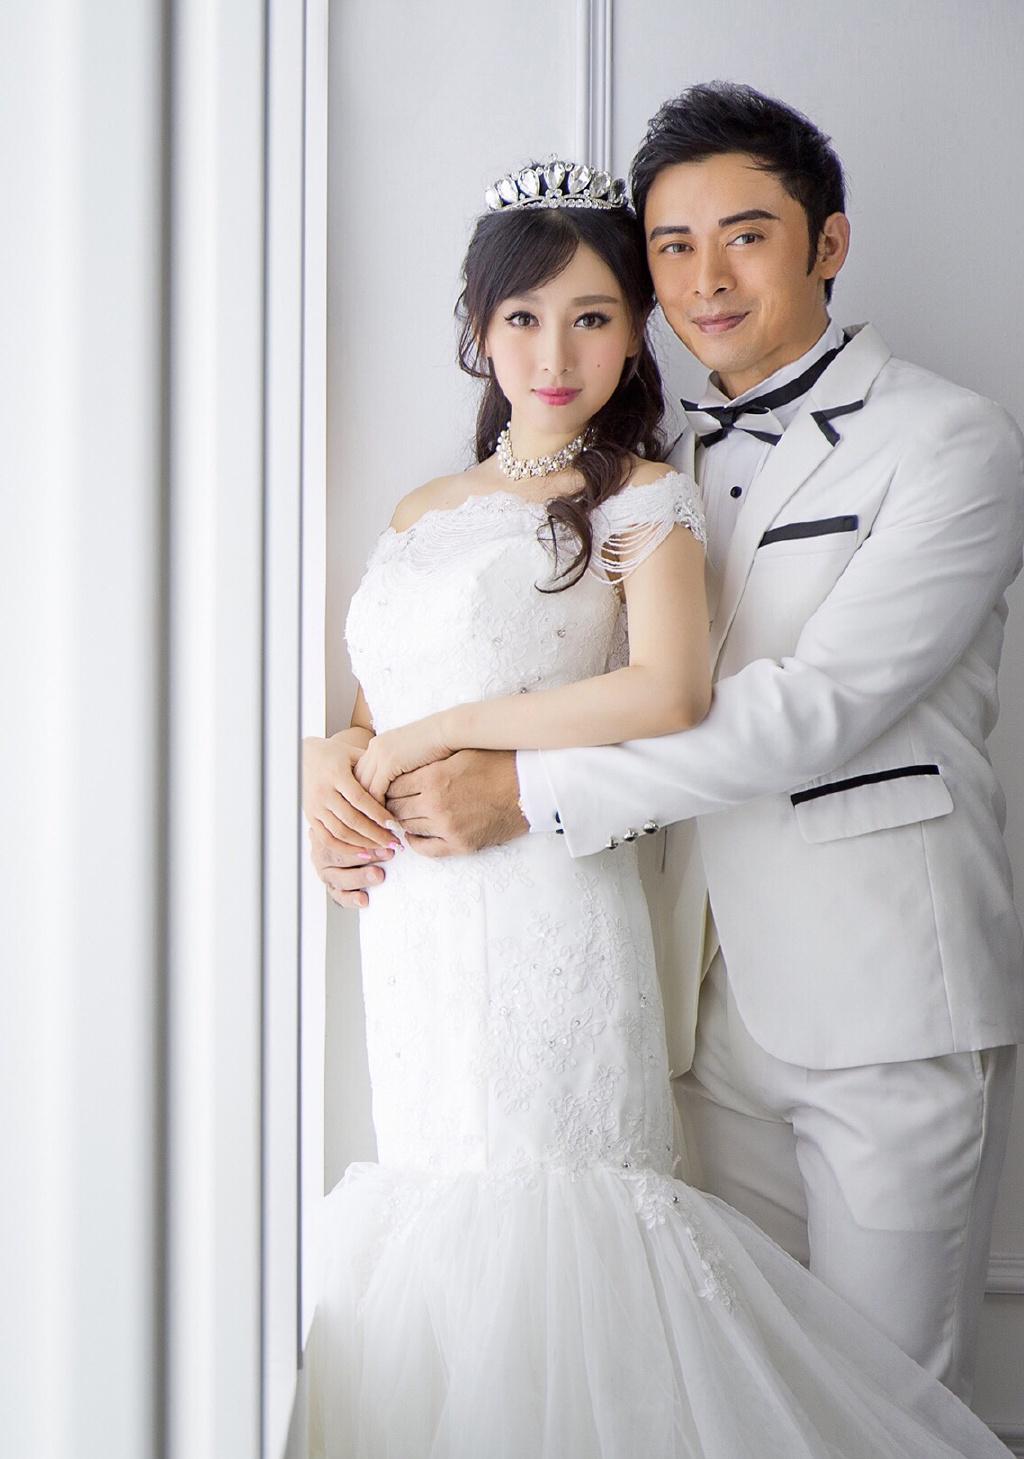 樊少皇分享全家福为二胎庆一周岁,妻子曾抱怨家庭主妇费力不讨好